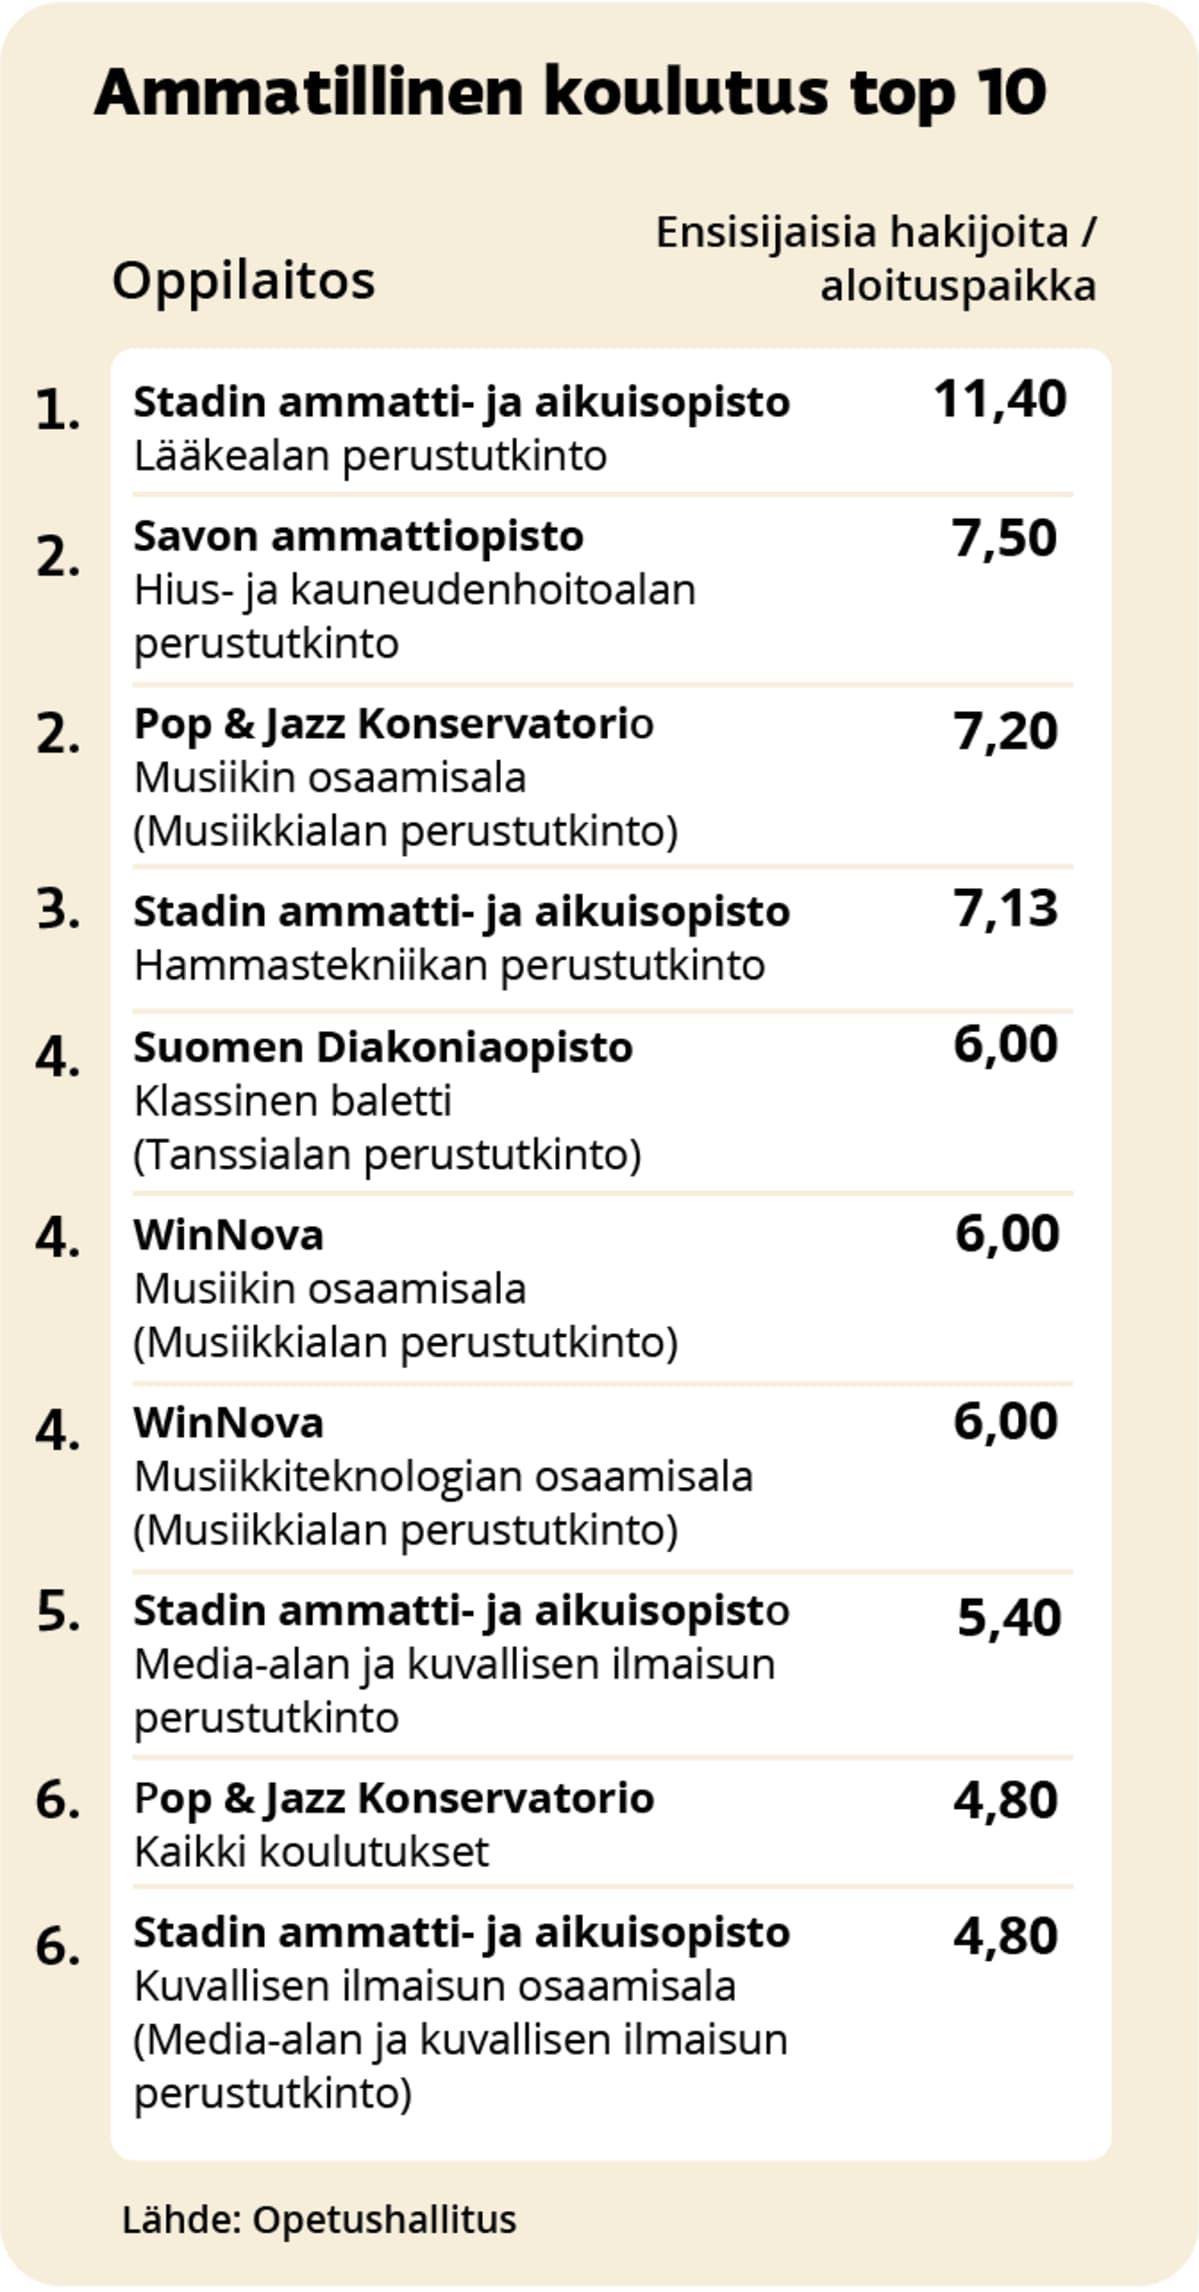 Kilpailuimmat ammatilliset koulutukset 2021 top-10